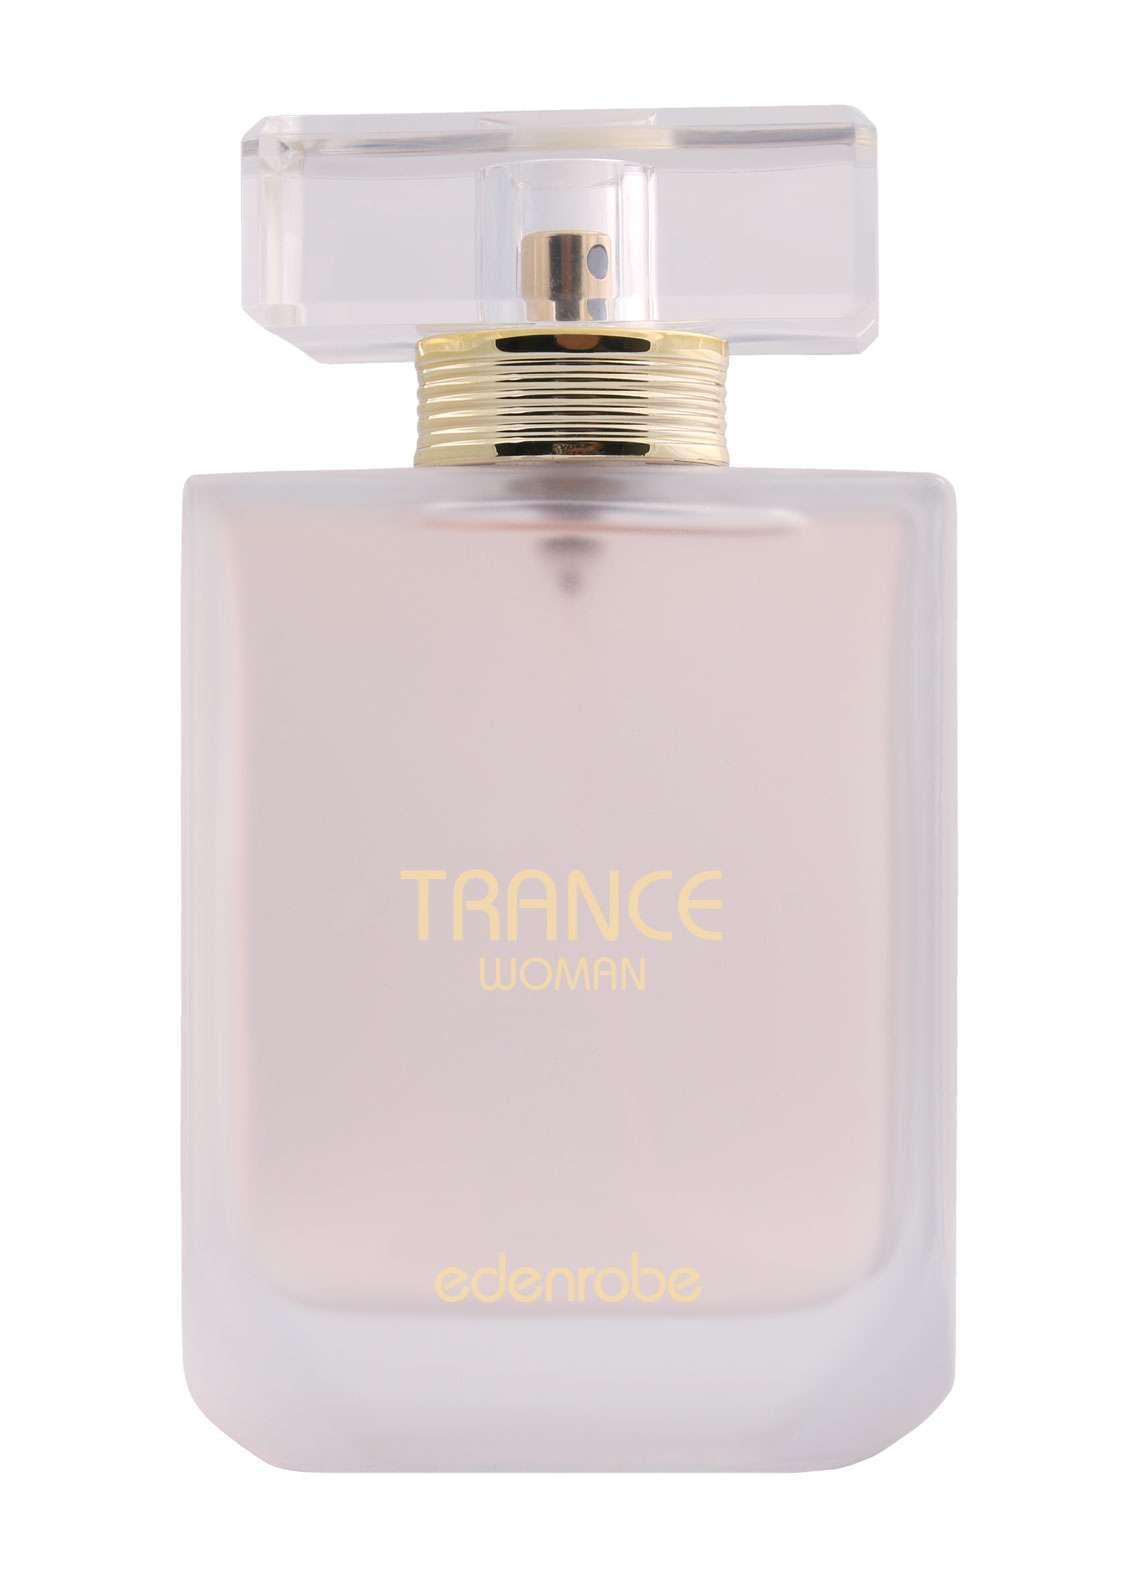 Edenrobe Trance women's perfume EDP